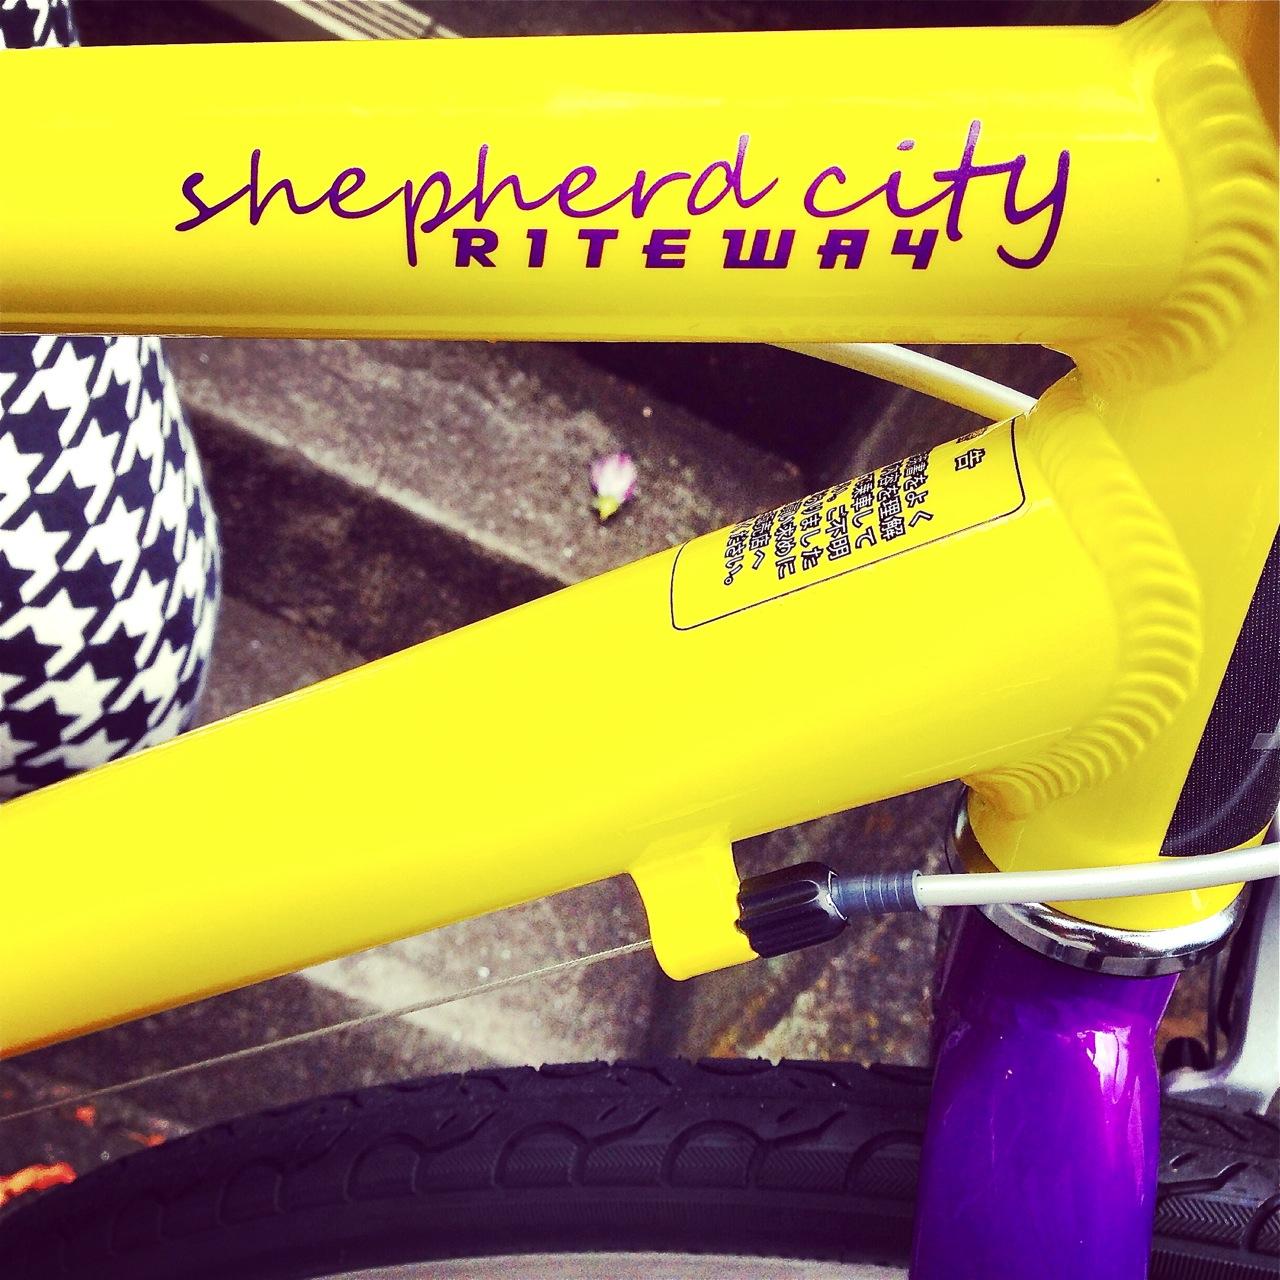 2016 RITEWAY 『SHEPHERD CITY』ライトウェイ シェファードシティ クロスバイク 女子 おしゃれ自転車_b0212032_2059986.jpg